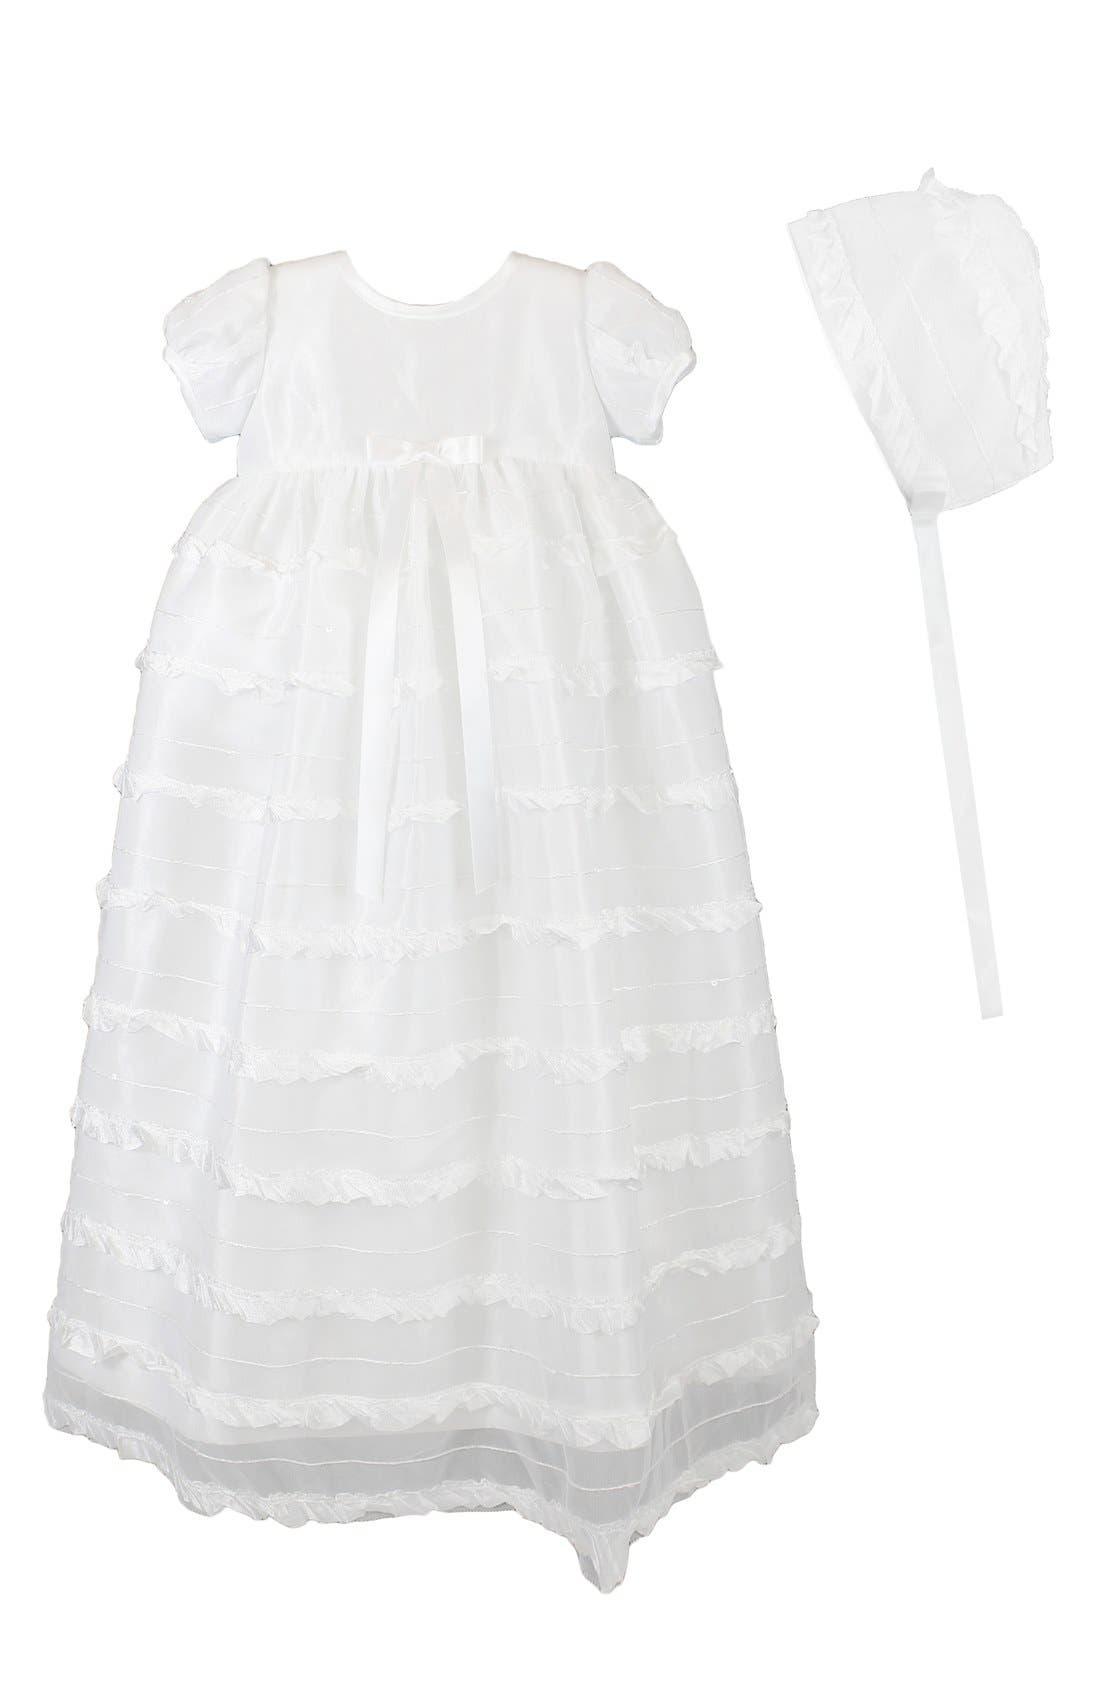 Alternate Image 1 Selected - C.I. Castro & Co 'Eyelash' Christening Gown & Bonnet (Baby Girls)